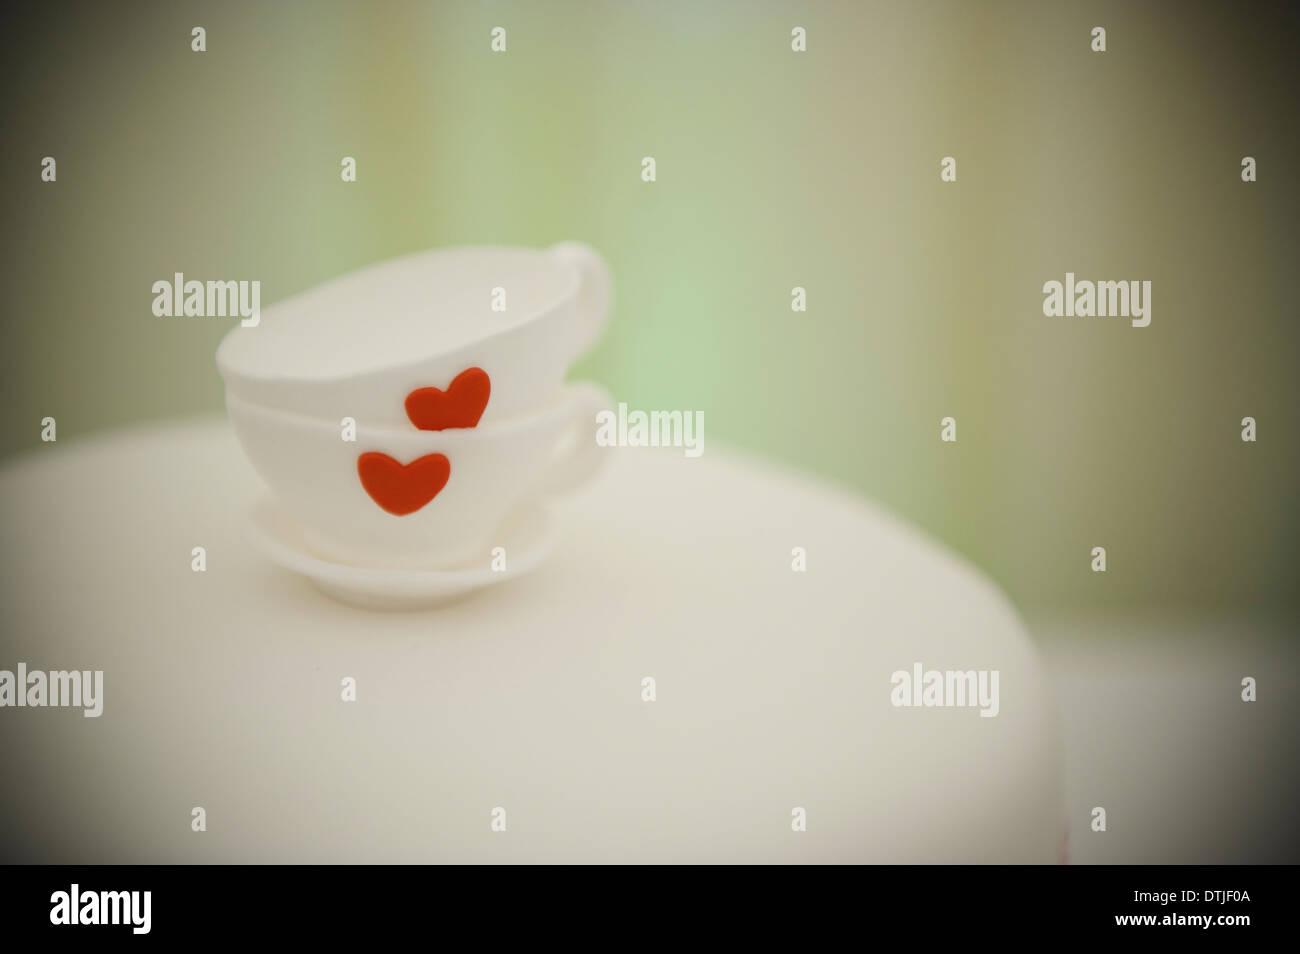 Chine deux tasses empilés les uns sur les autres et décorées avec un cœur rouge en Angleterre Photo Stock